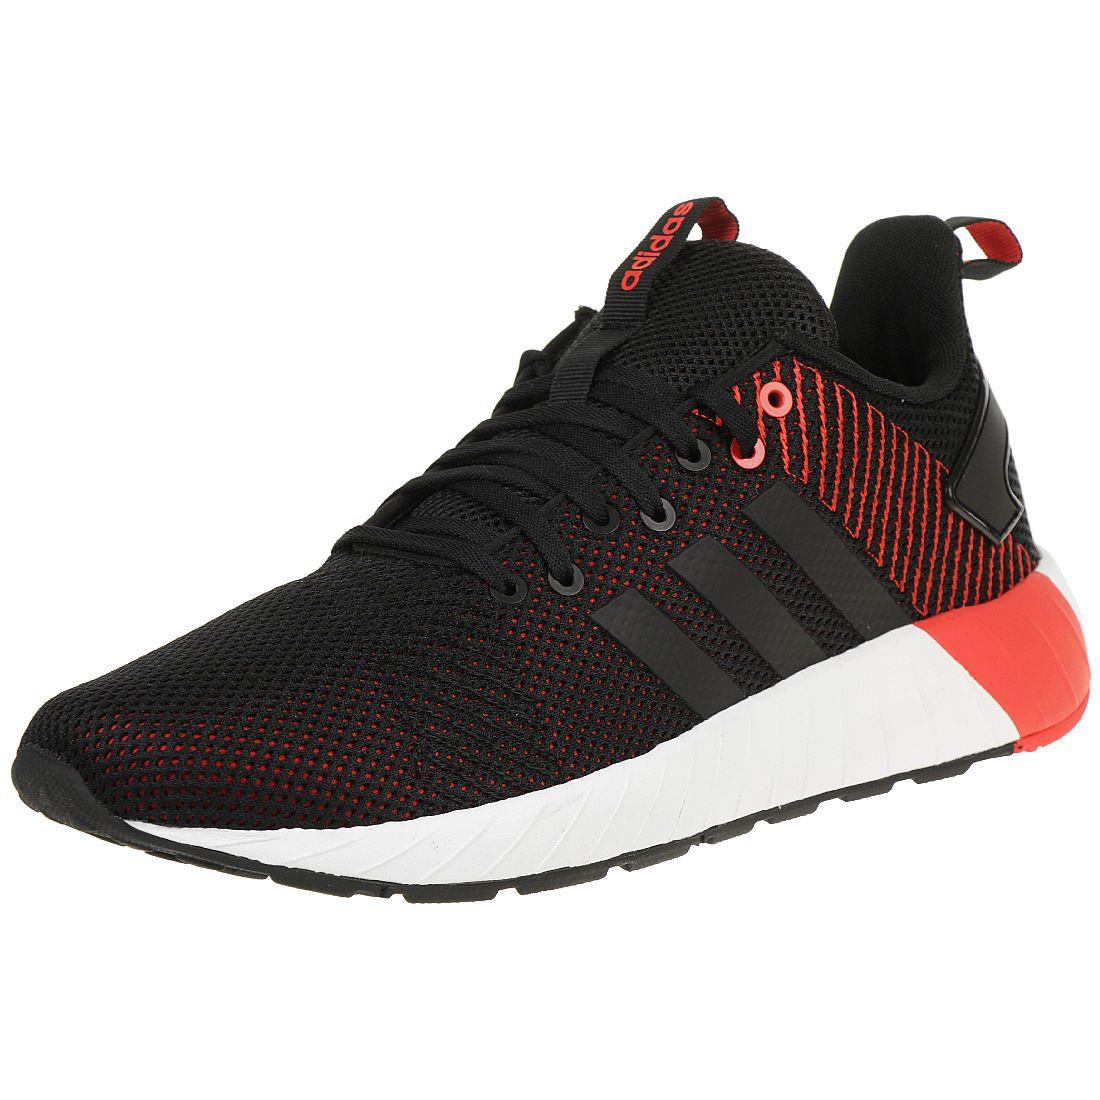 Adidas QUESTAR BYD Herren Laufschuh Sportschuh Fitnessschuh